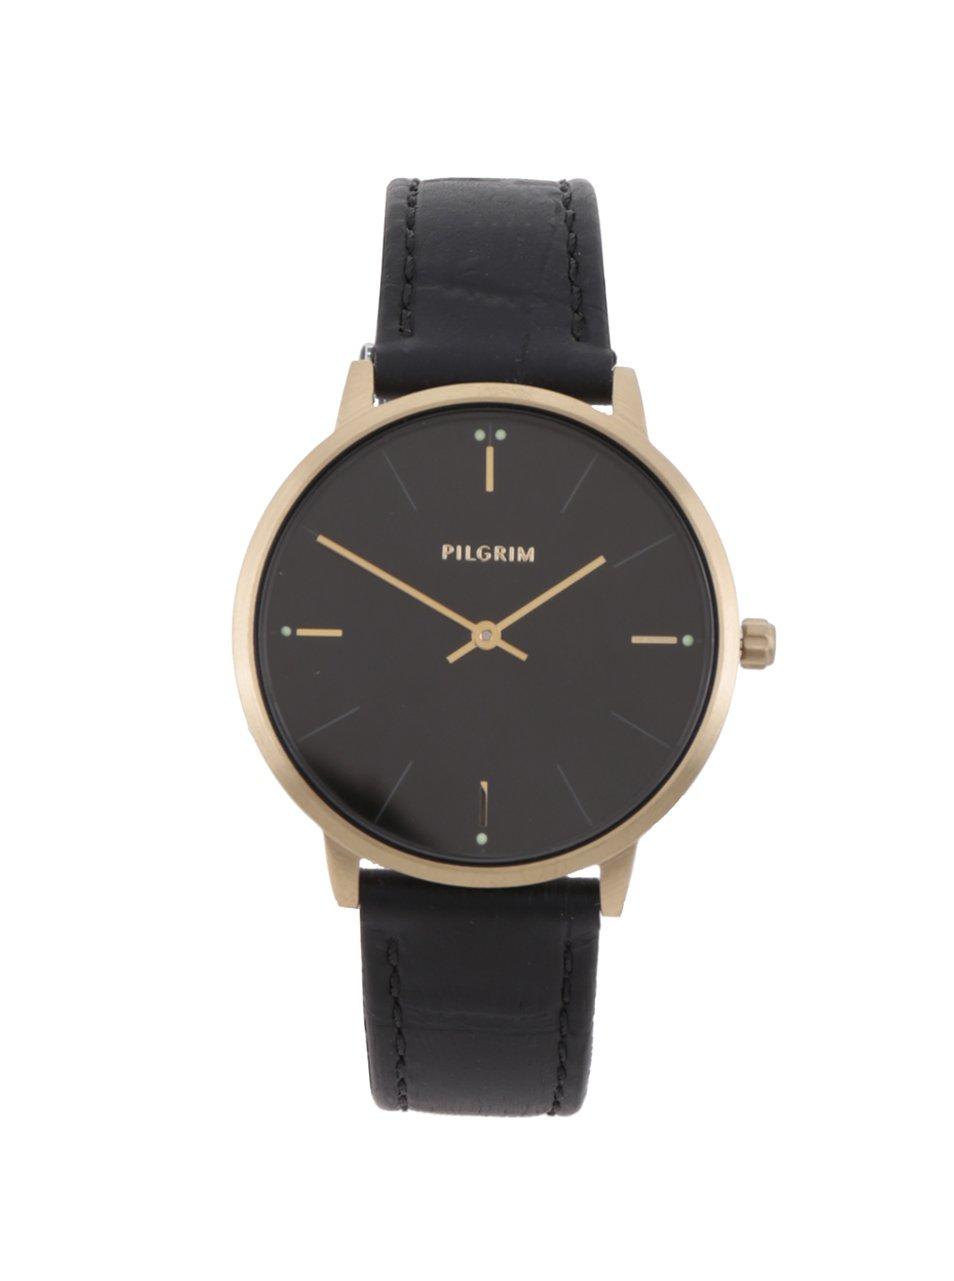 Dámske pozlátené hodinky s koženým remienkom Pilgrim  73defc454e3